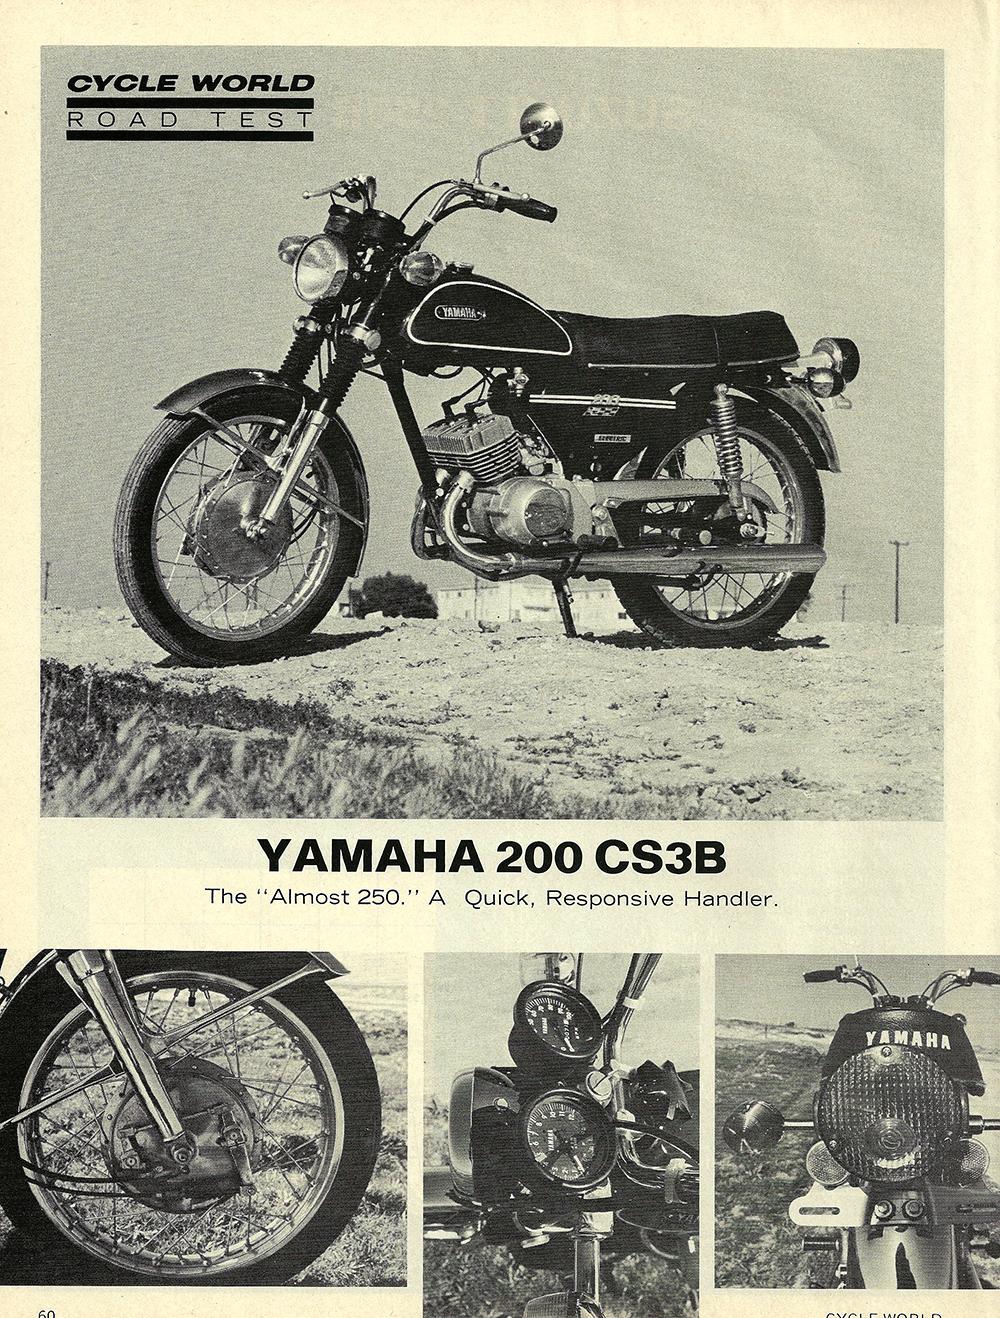 1971 Yamaha 200 CS3B road test 01.jpg